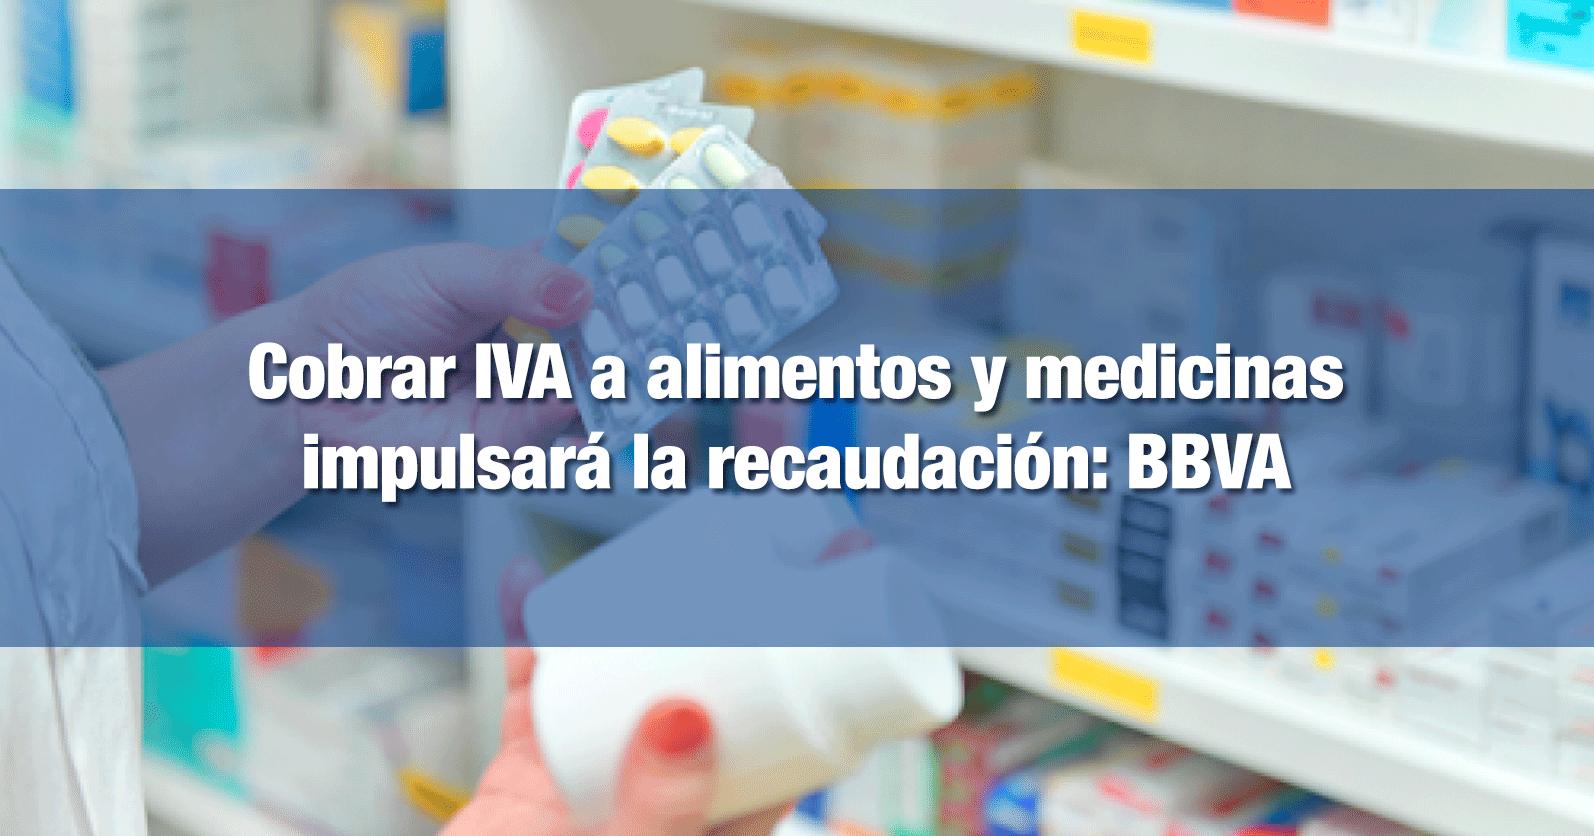 Cobrar IVA a alimentos y medicinas impulsará la recaudación, sugiere BBVA